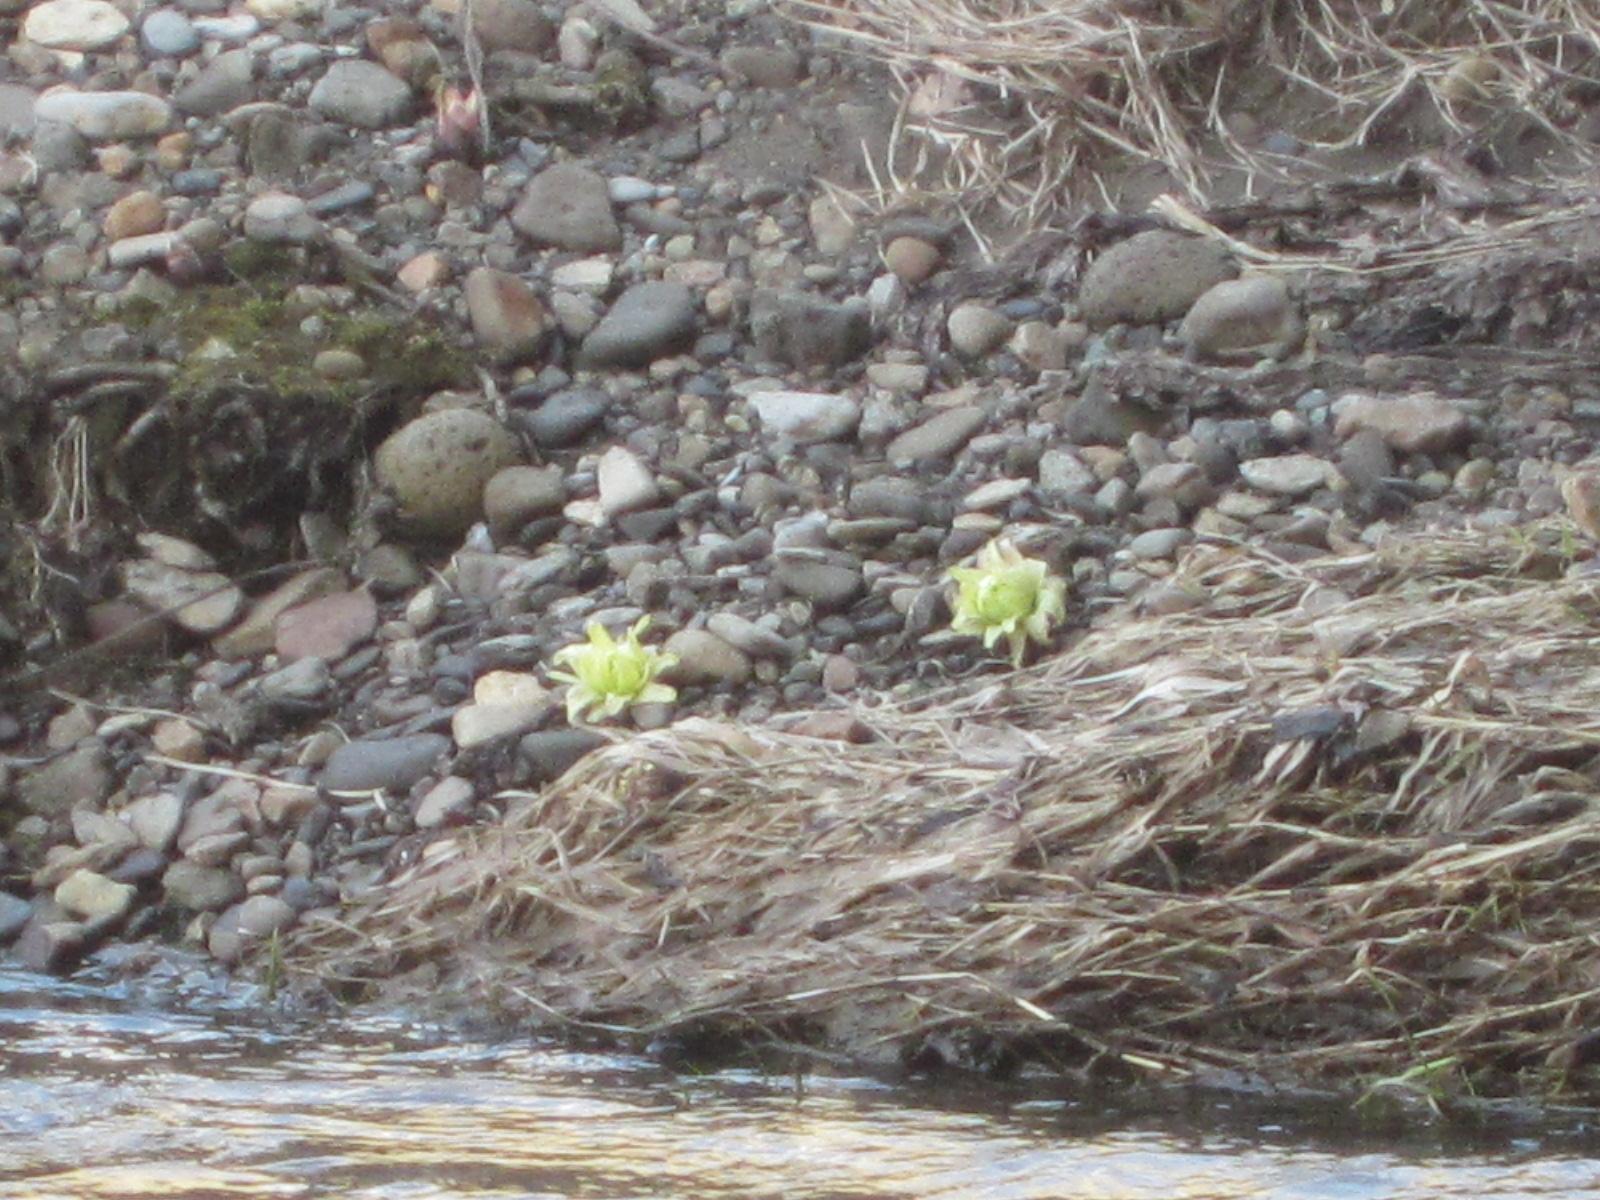 IMG 0012 - 北海道にも春が来たよーです、ていうか雪解け早いな今年